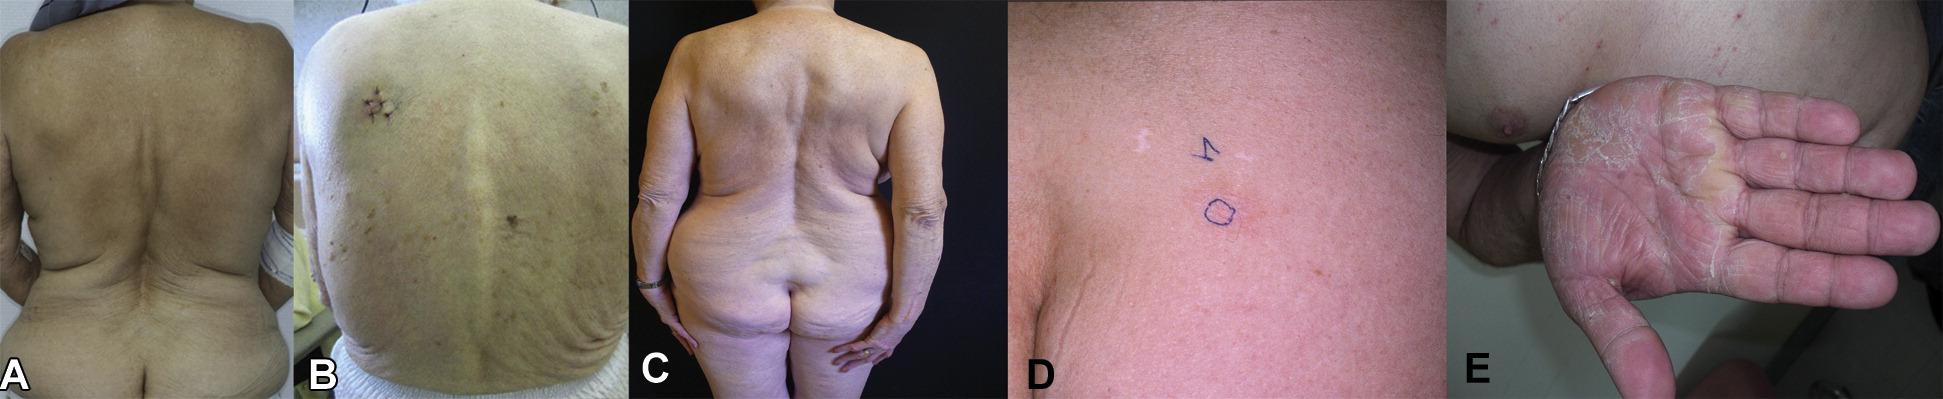 Sézary syndrome